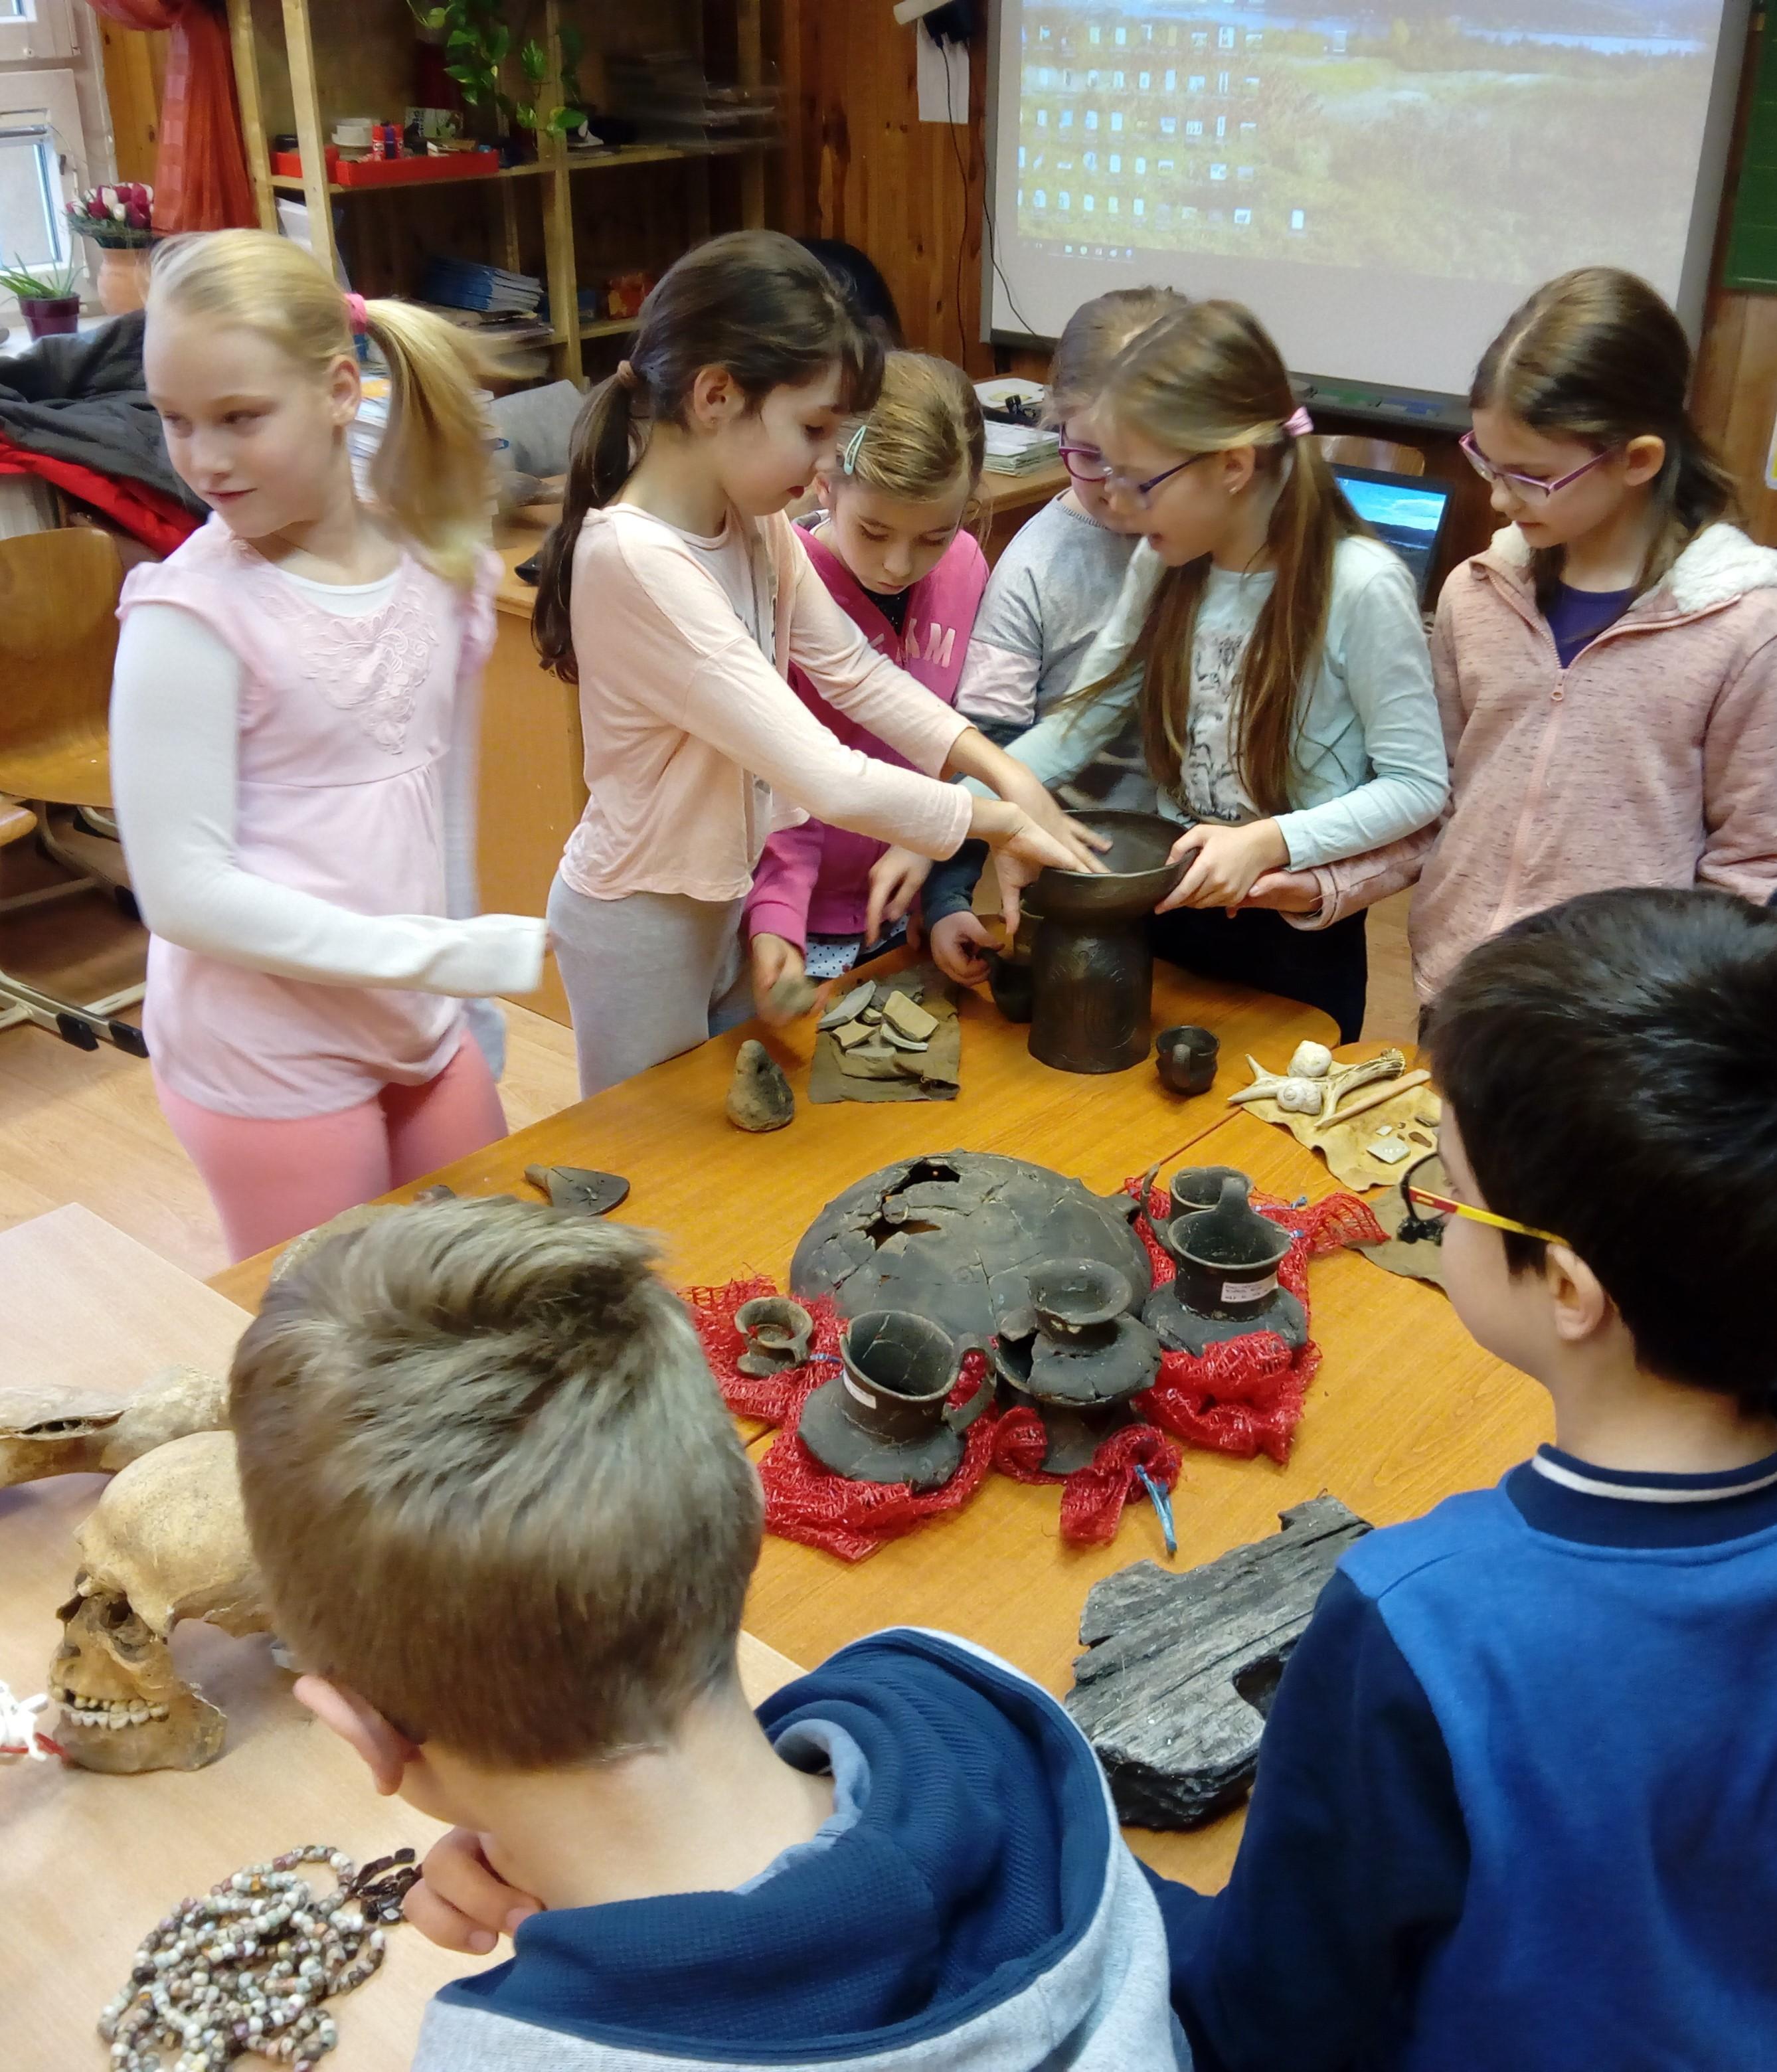 Régészeti pedagógia: a történelem íratlan forrásai első kézből, kisiskolásoknak